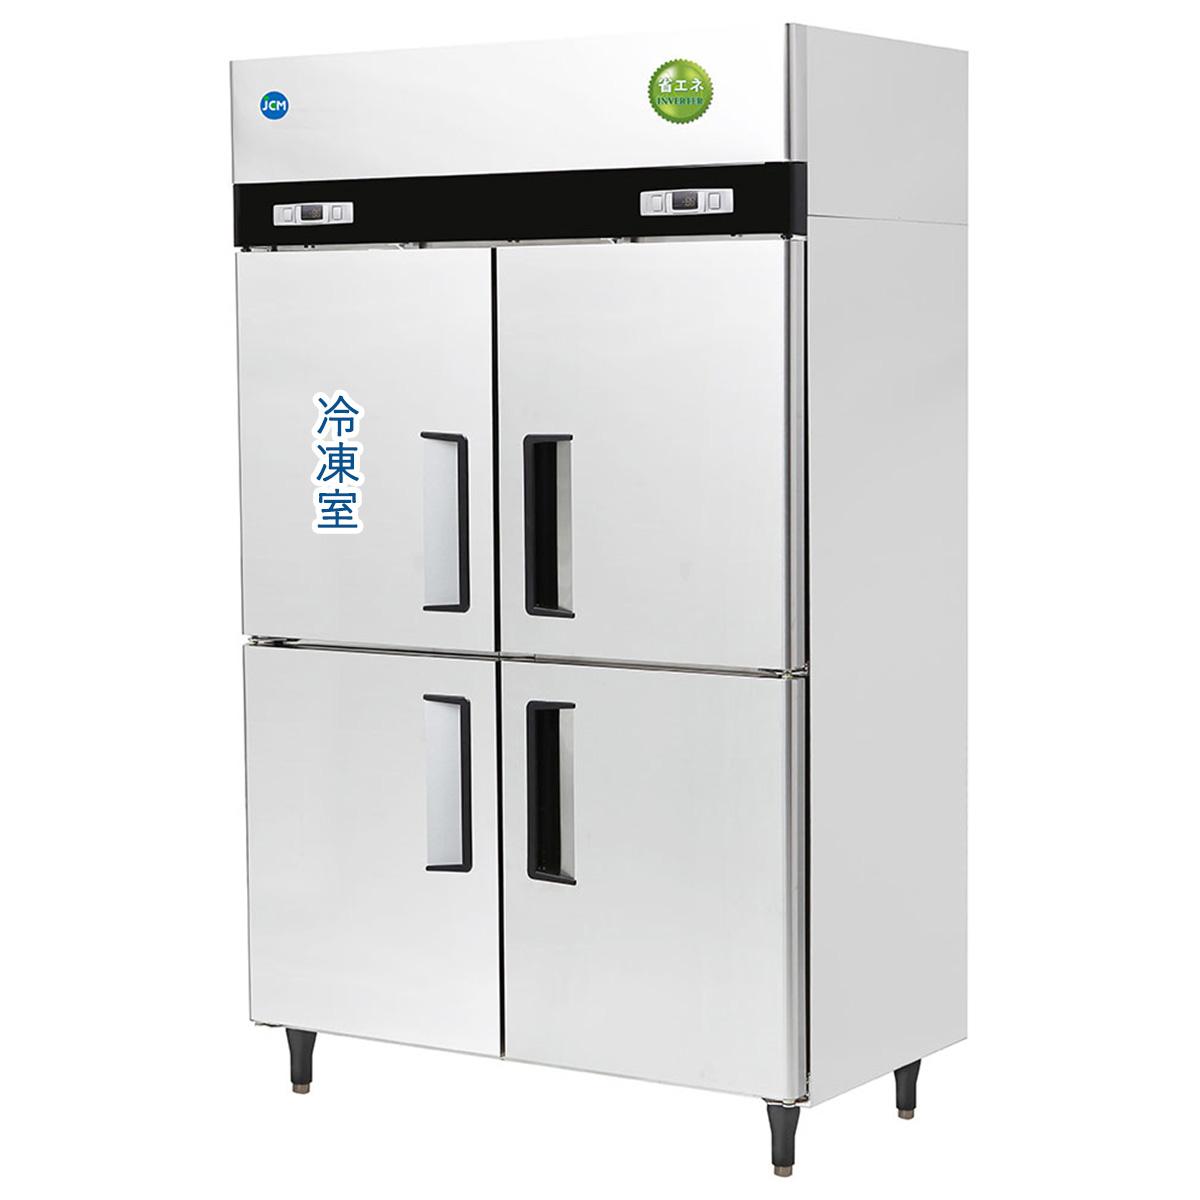 JCM タテ型 冷凍冷蔵庫 JCMR-1280F1-I 業務用 冷凍 冷蔵 4ドア 省エネ 【代引不可】